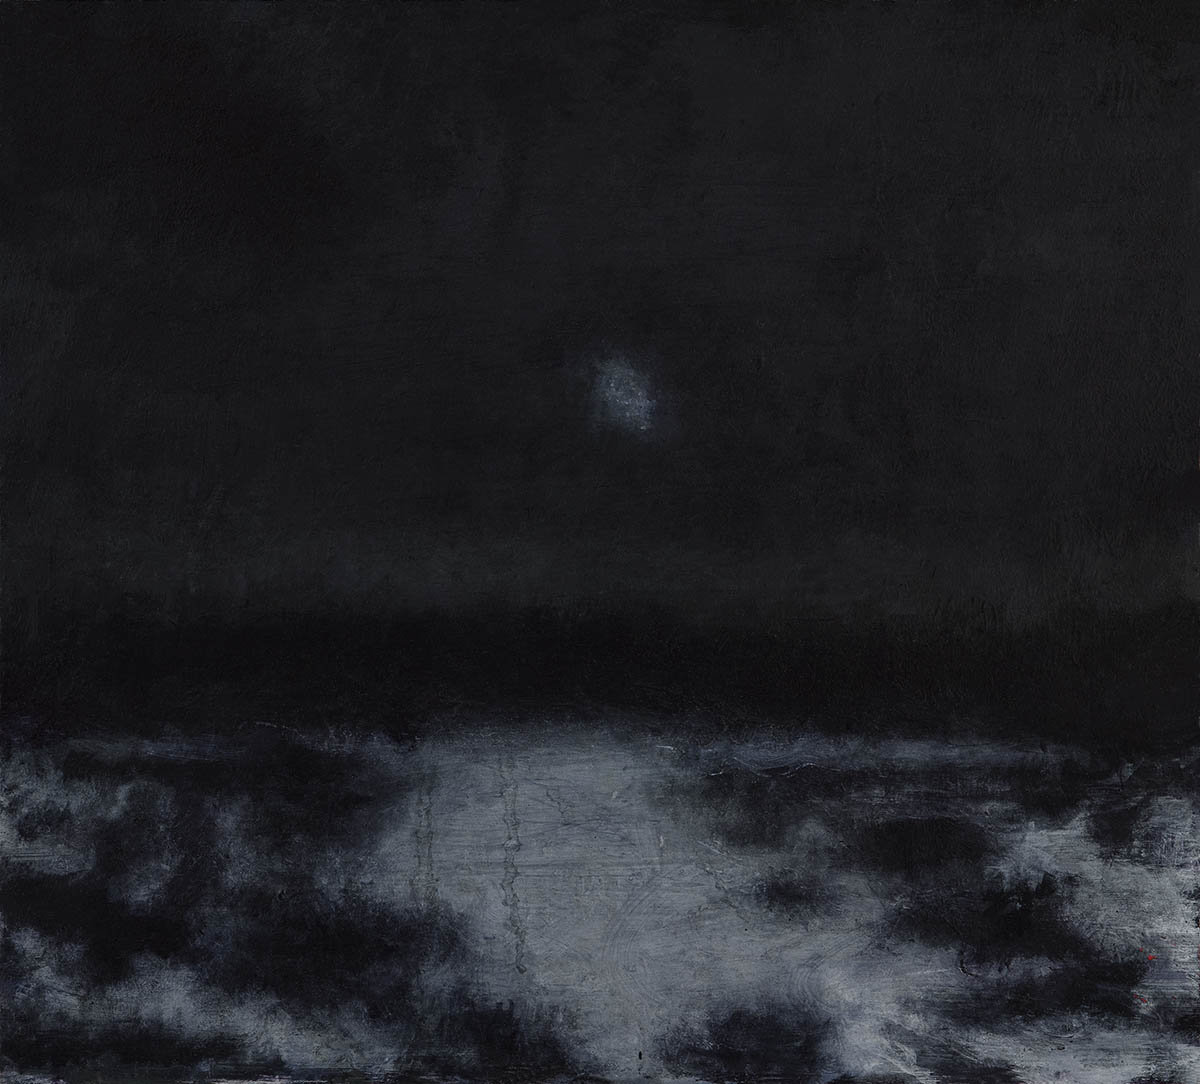 David Niec: 50% Winter Moon Rising Through Clouds, 2017